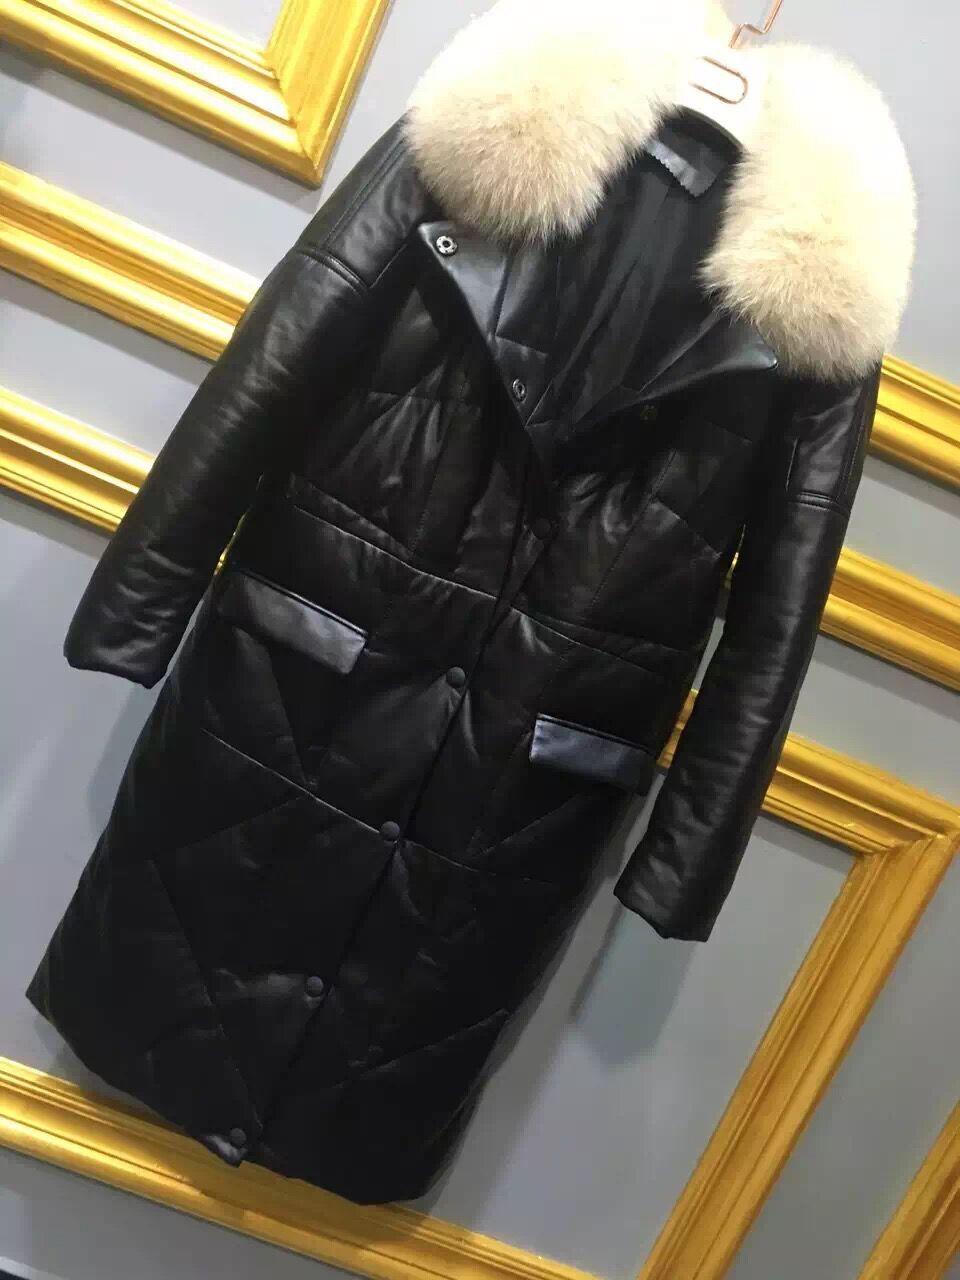 Luxury Sheepskin Coats Promotion-Shop for Promotional Luxury